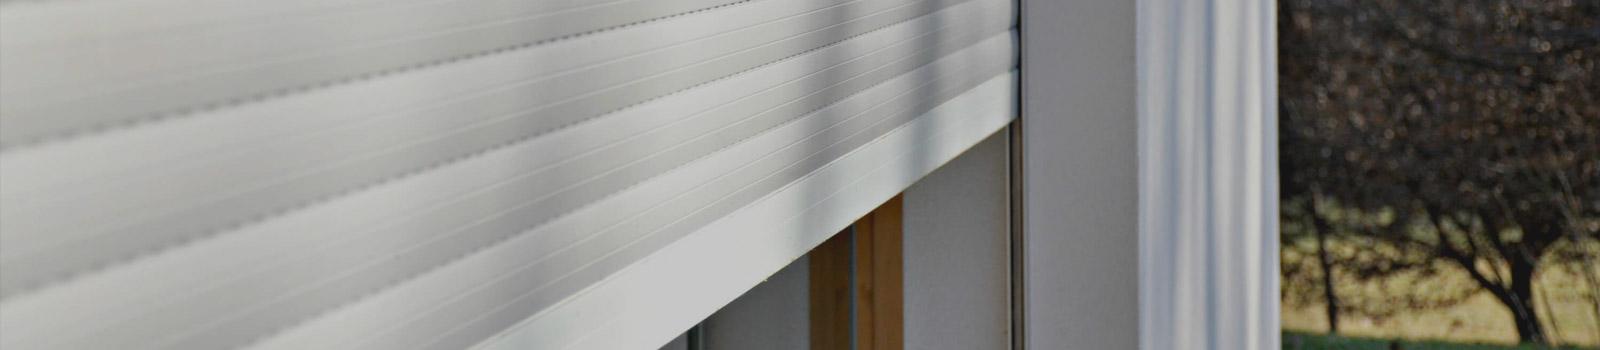 Tapparelle in alluminio coibentato di varie tipologie. Avvolgibili In Alluminio Coibentato Fenaroli Stefano